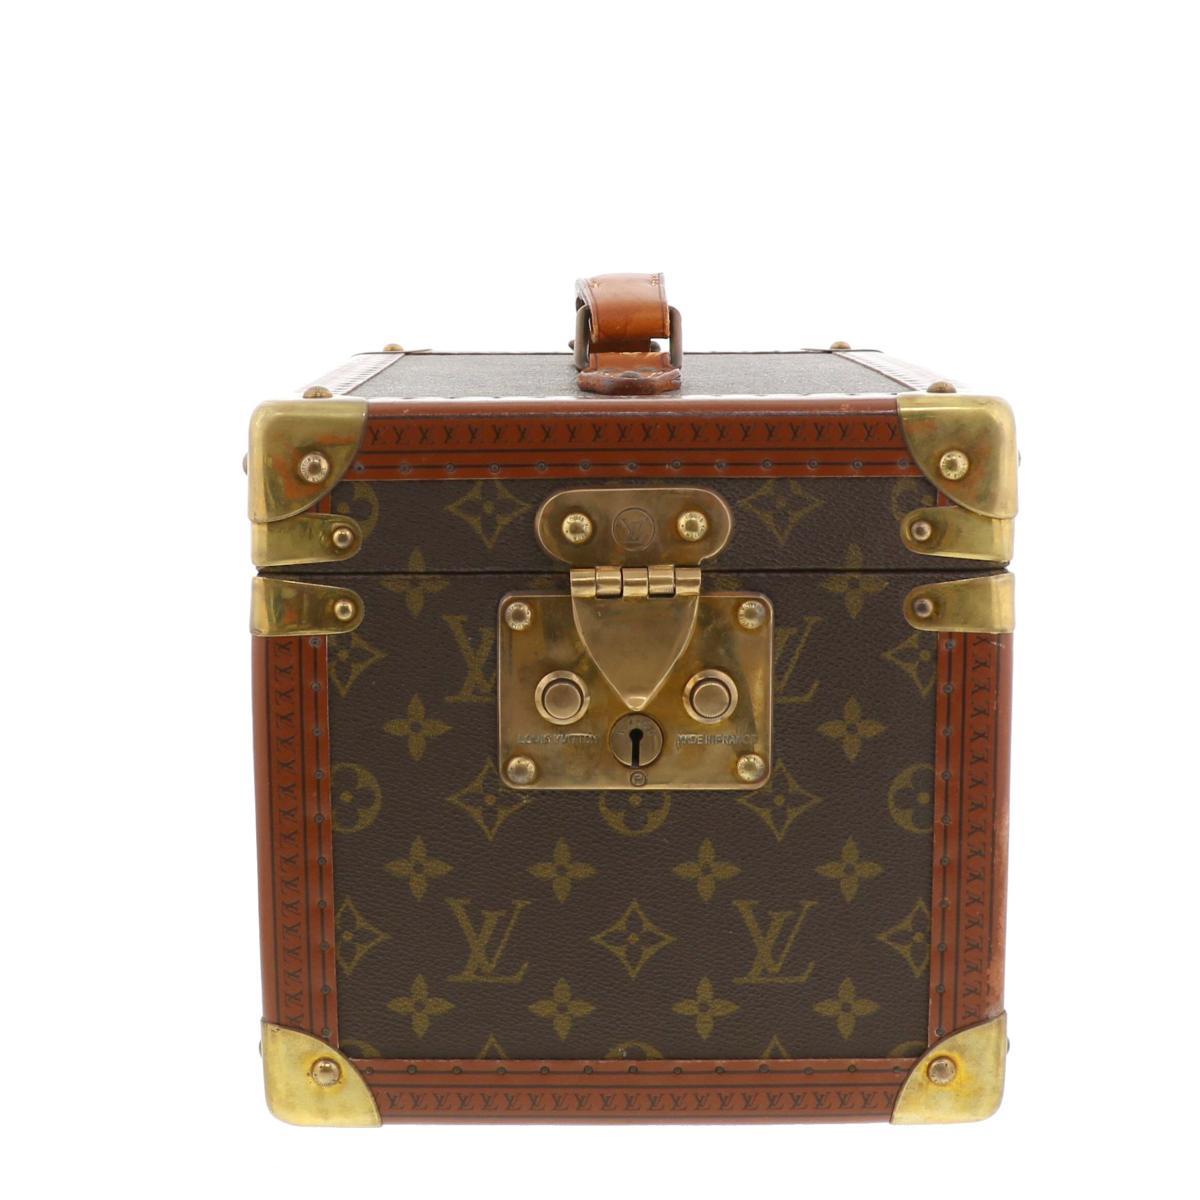 【中古】 LOUIS VUITTON (ルイヴィトン) ボワット・フラコン バッグ キャリーバッグ/スーツケース  M21828 used:B